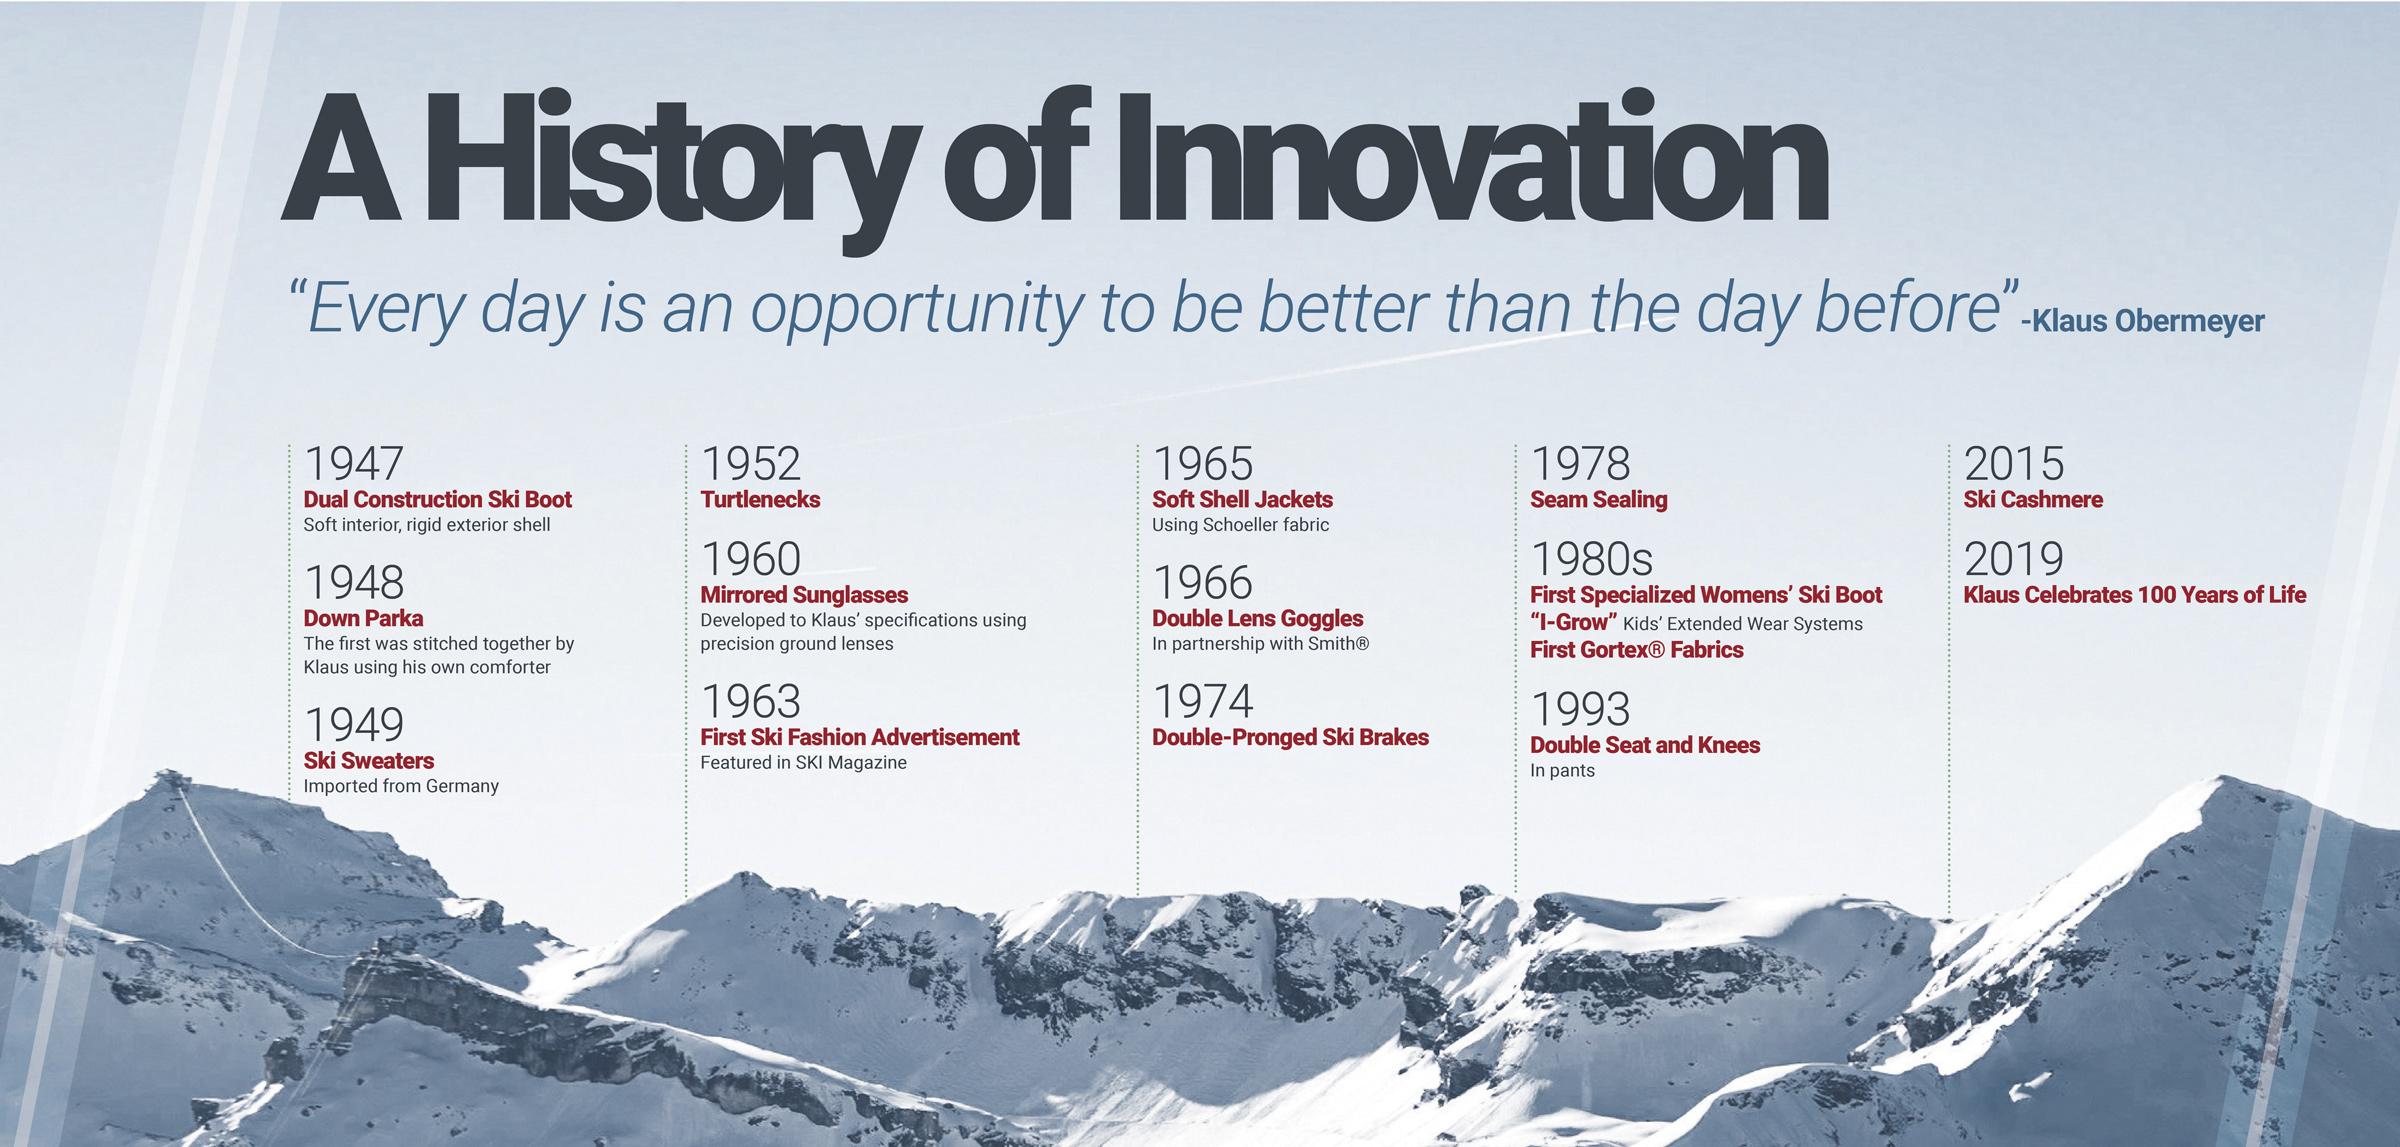 Obermeyer a legacy of innovation